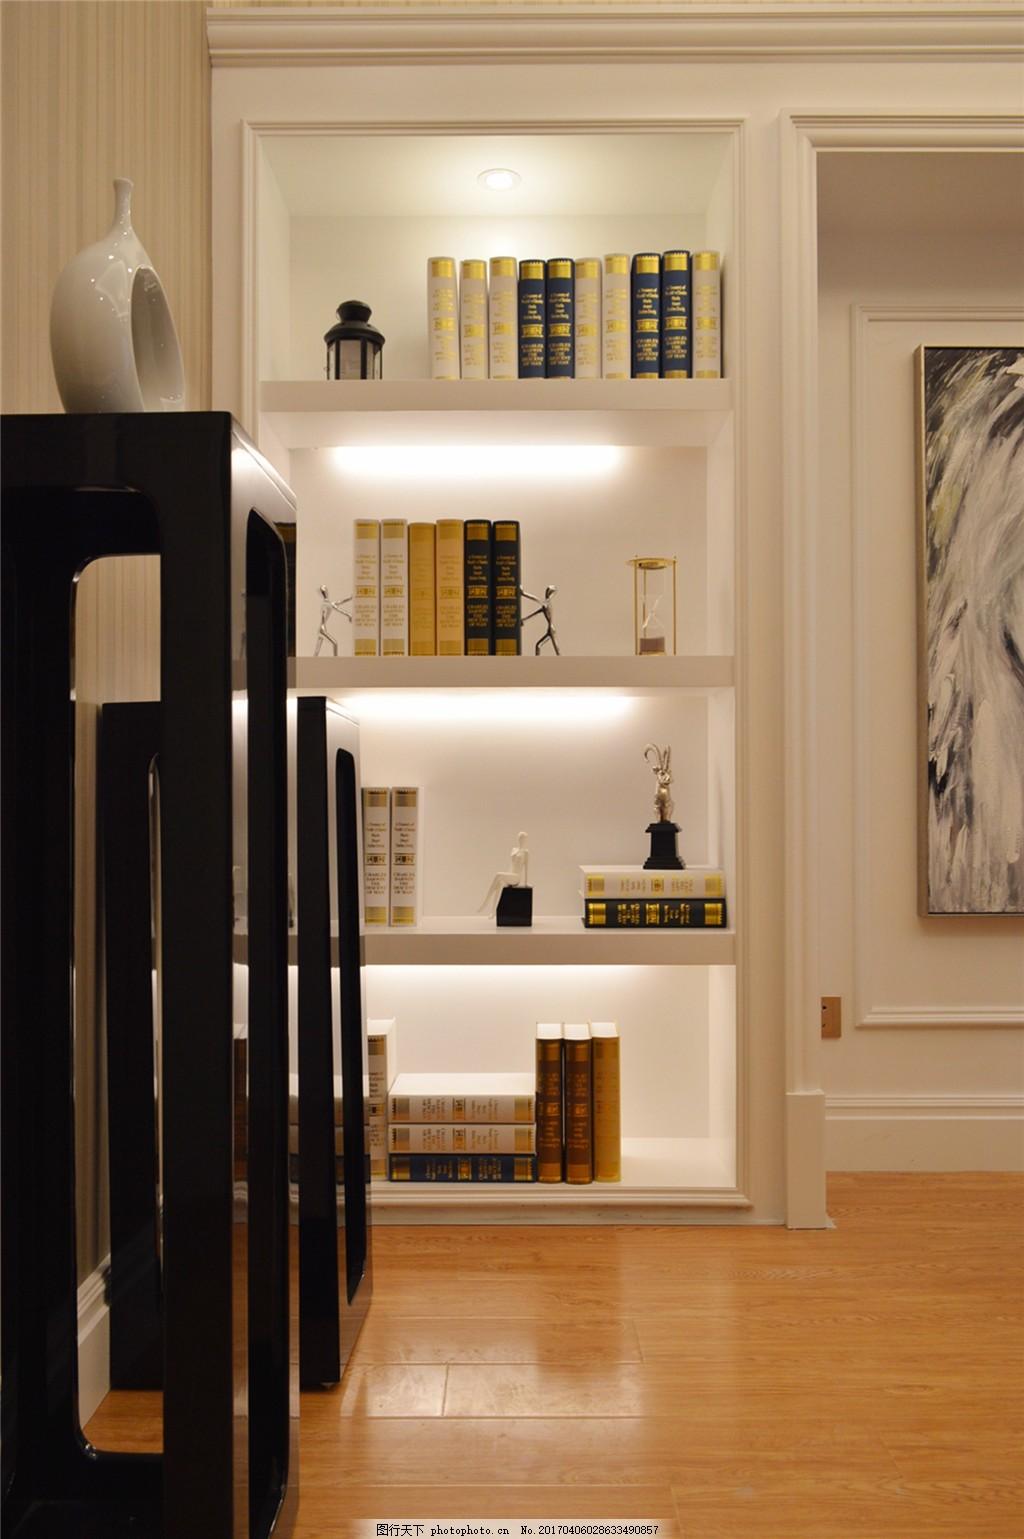 书本 书架 白色 装潢效果 设计 黄色地板 可爱小人 室内设计 家装效果